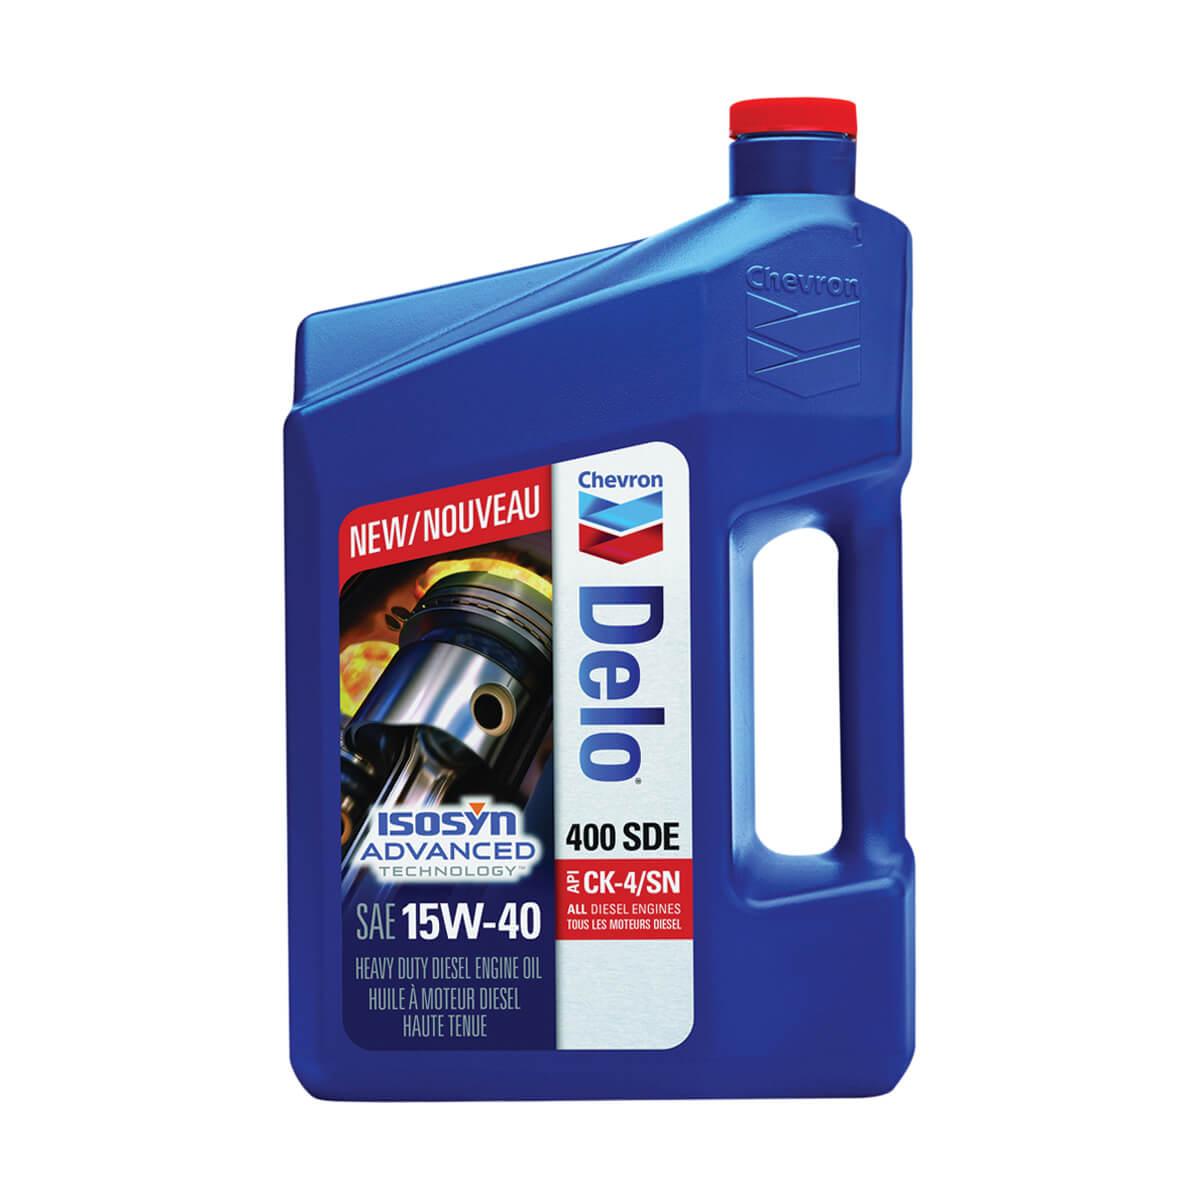 Chevron Delo 400 SDE 15W-40 - 3.78L